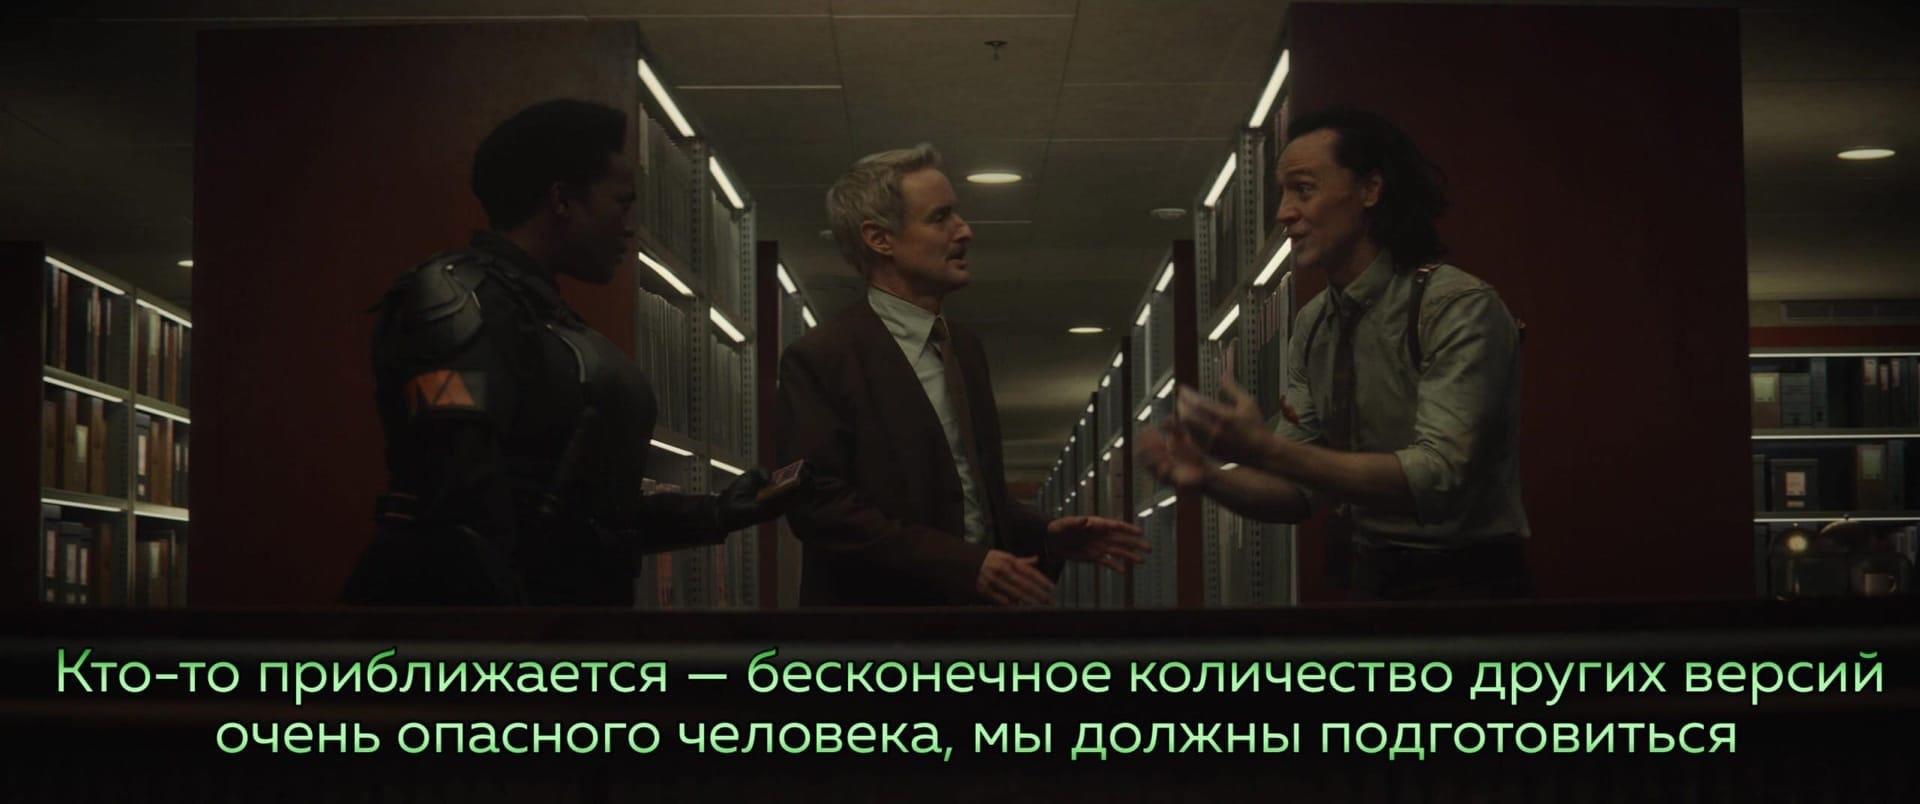 http://forumupload.ru/uploads/001a/74/14/152/255687.jpg